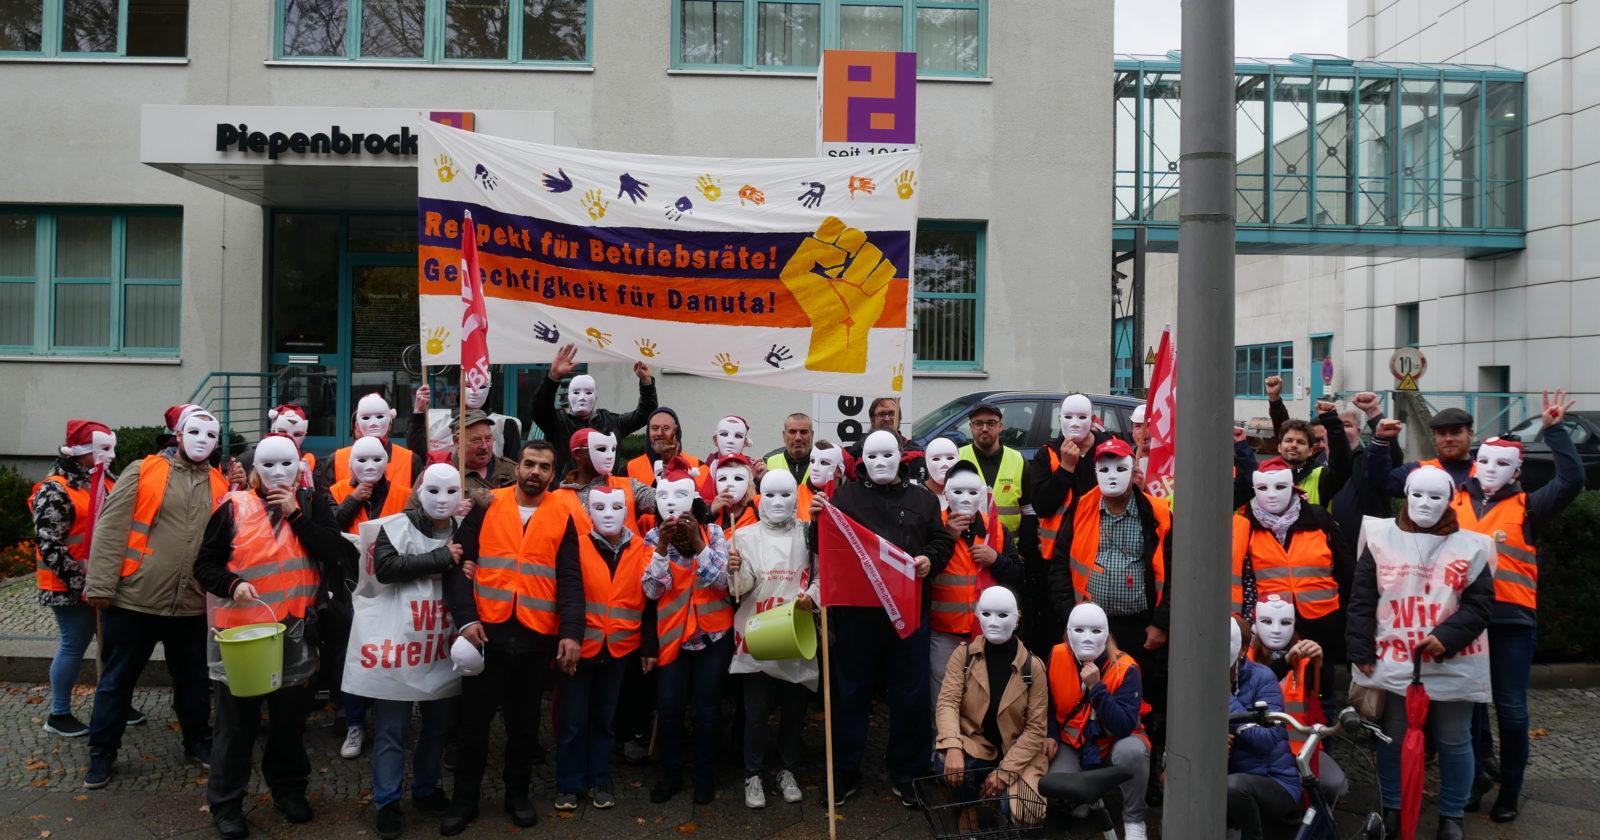 Keine Einigung - Keine Reinigung! Große Streikbeteiligung am Berliner Piepenbrock-Pur-Protest